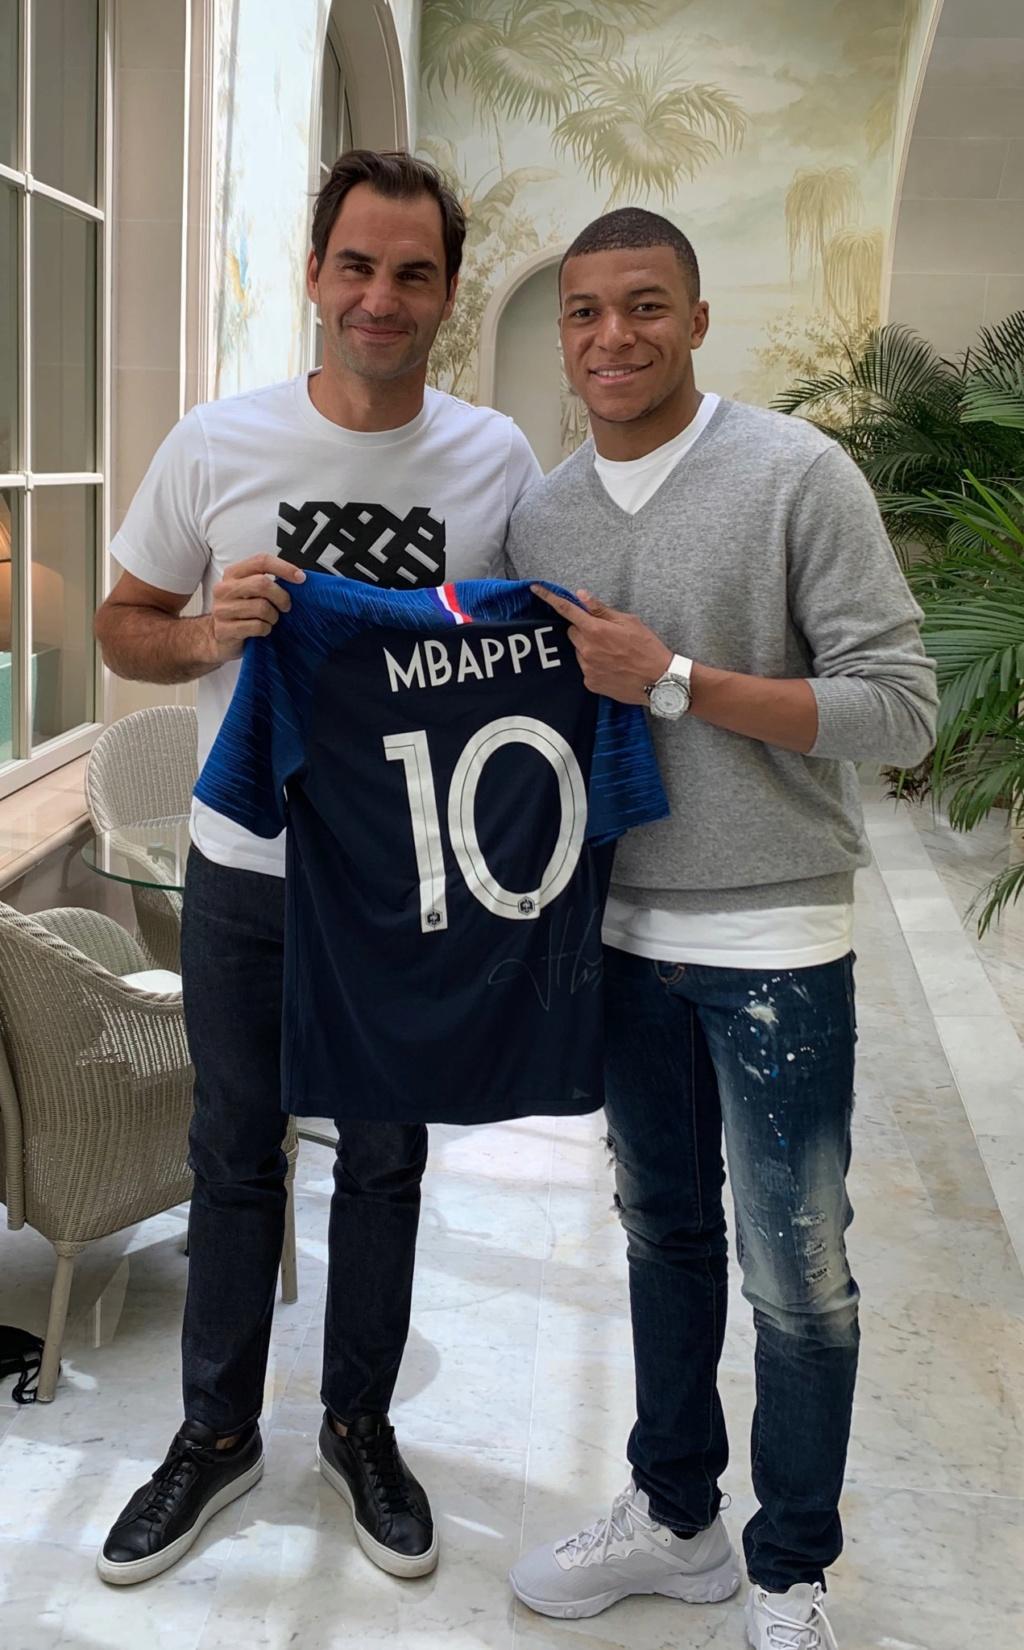 ¿Cuánto mide Kylian Mbappé? - Real height Img_2332